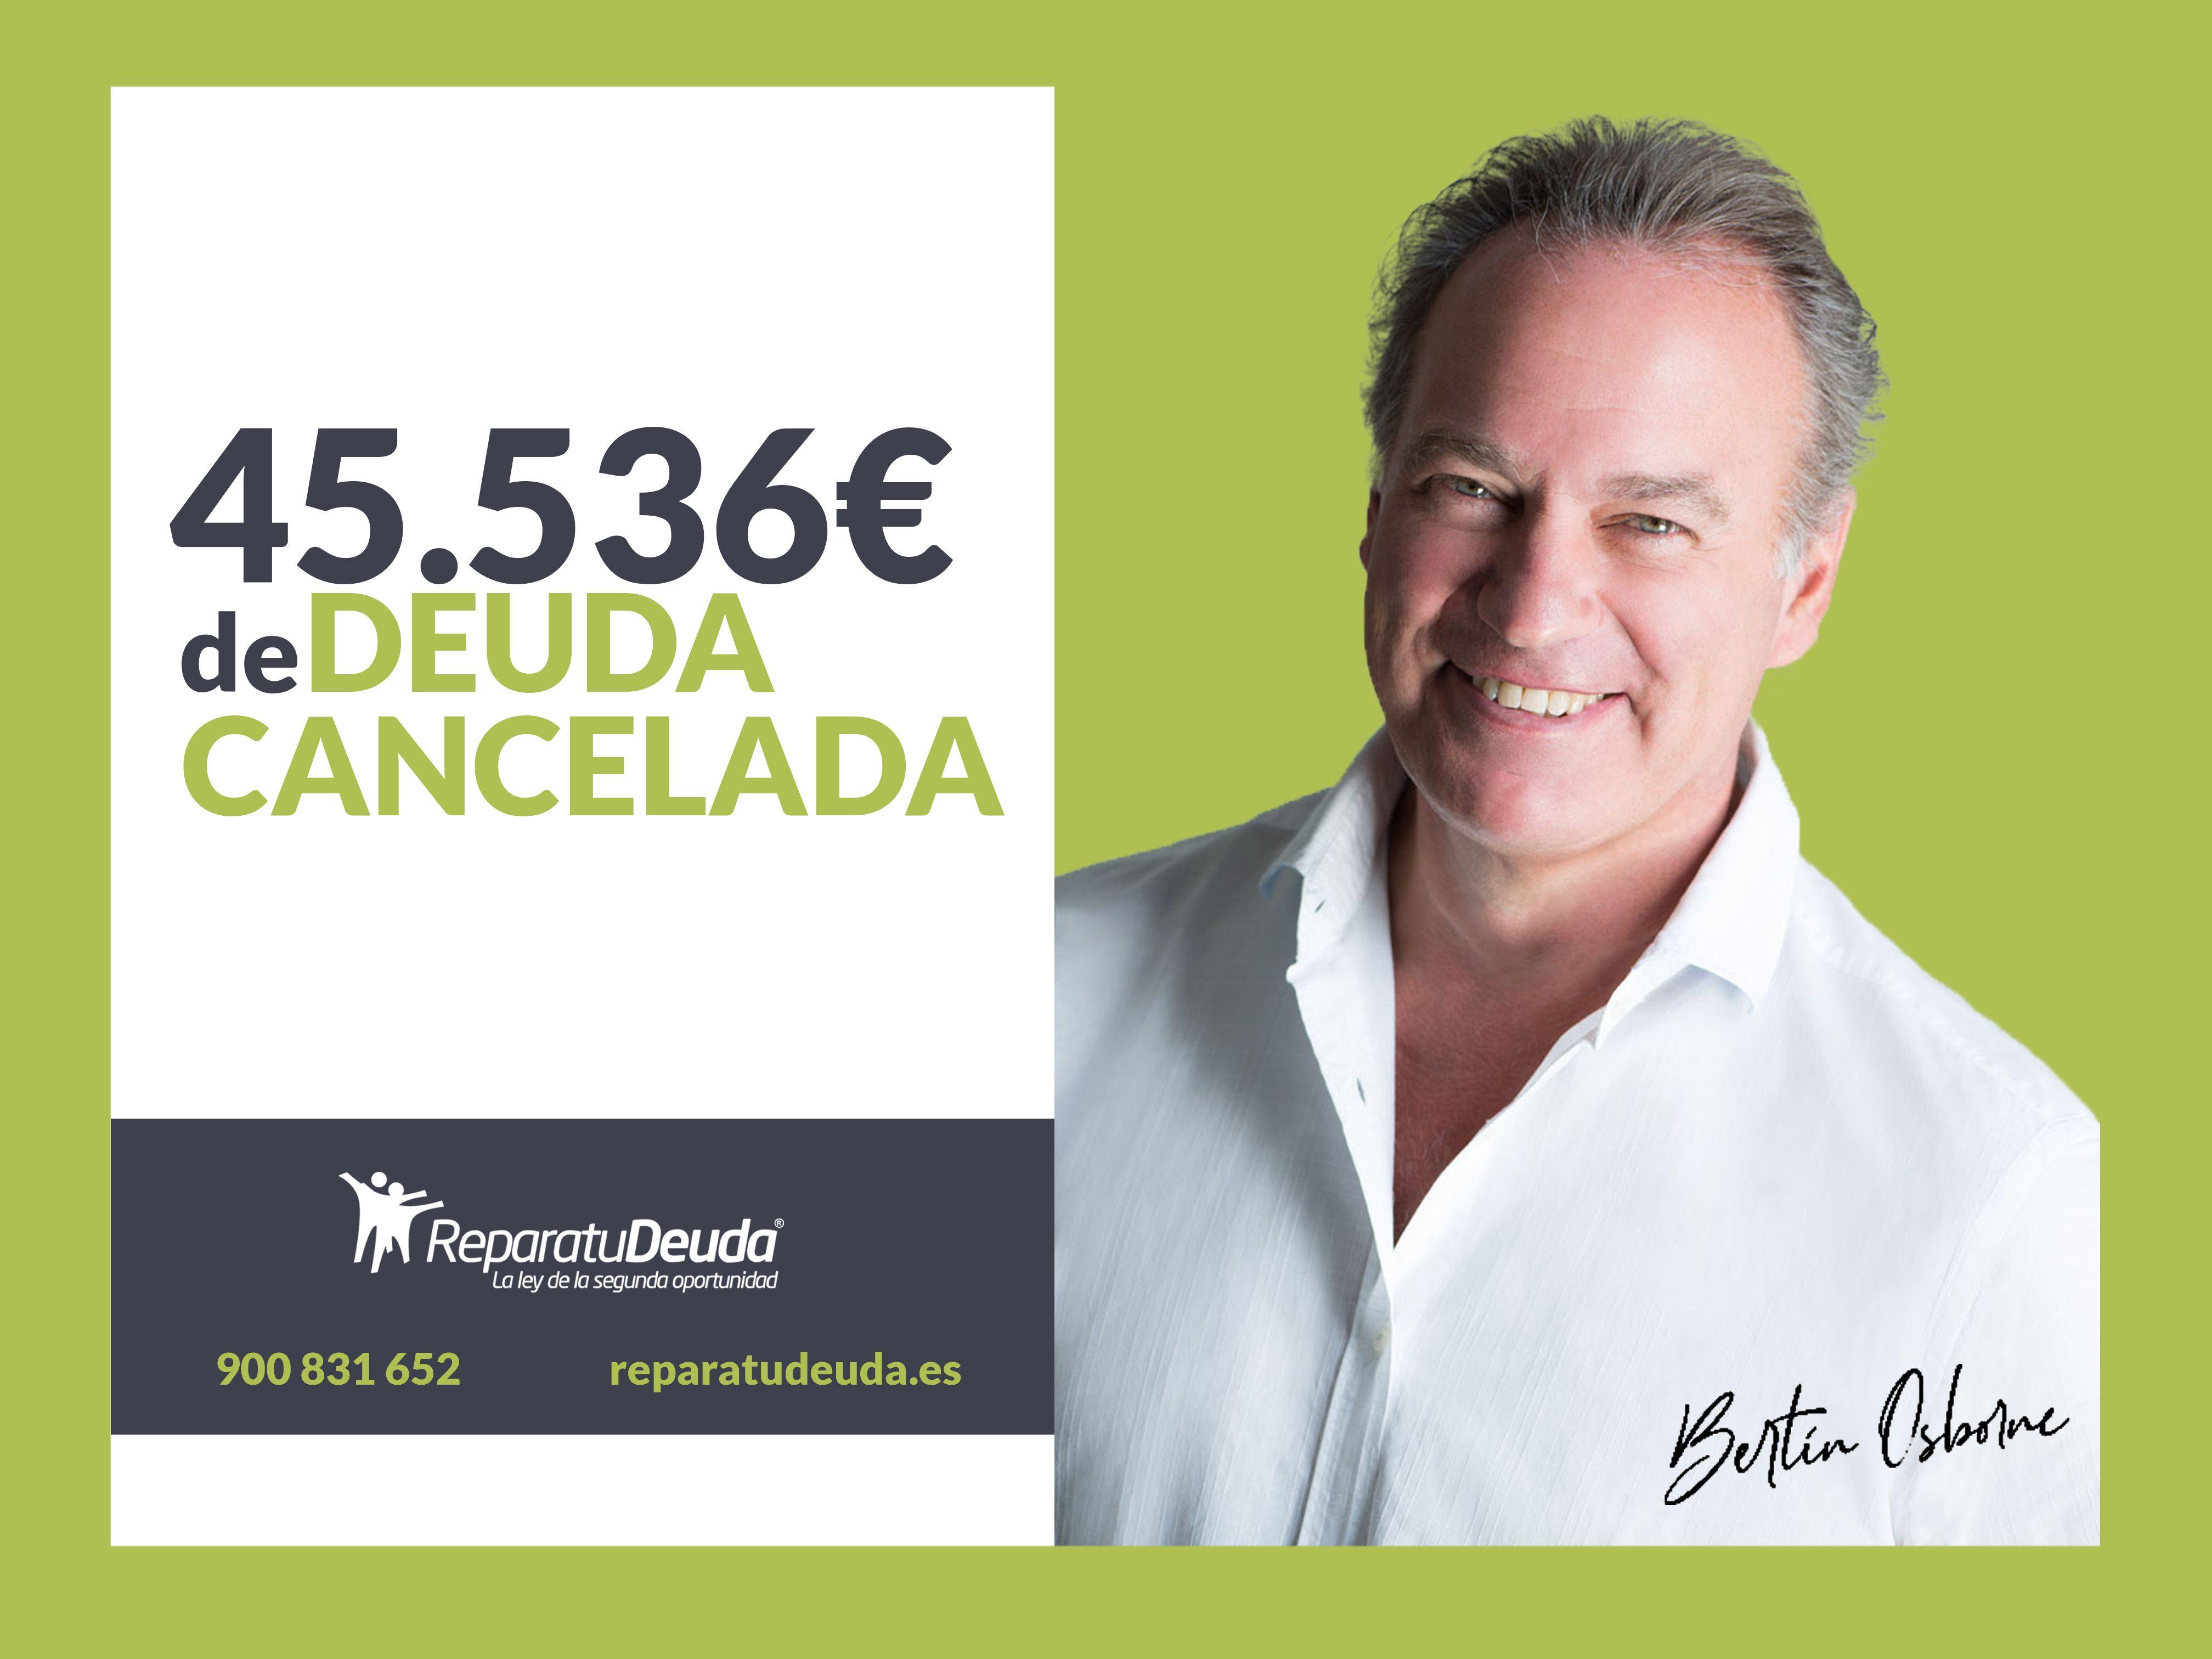 Repara tu deuda cancela 45.536 € incluidos fiadores en Barcelona con la Ley de la segunda oportunidad